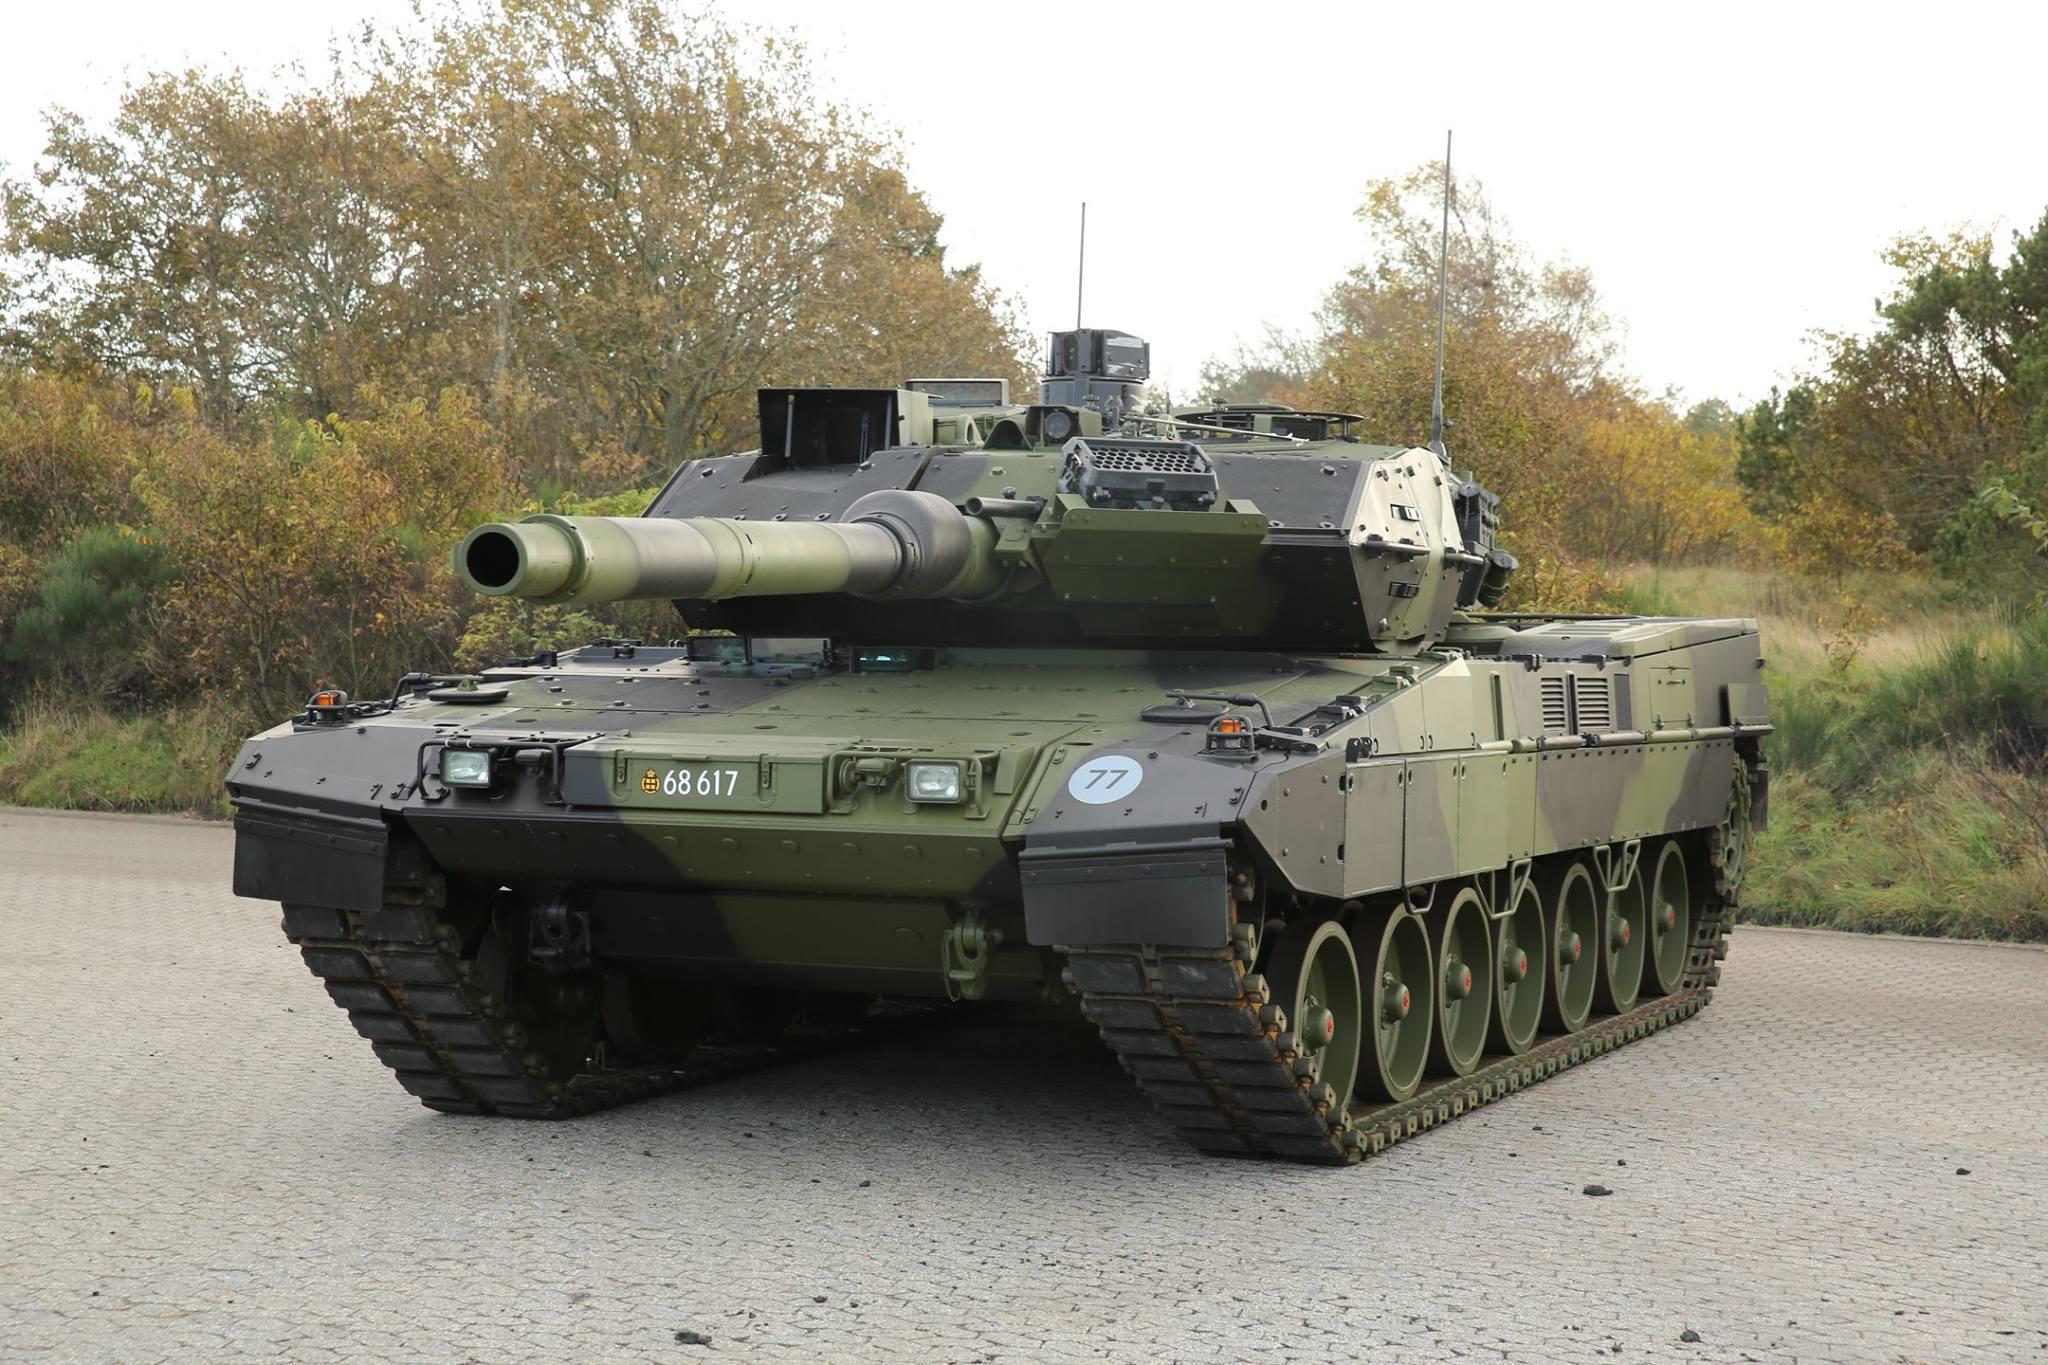 Hærsjefen vil ha Leopard 2 A7